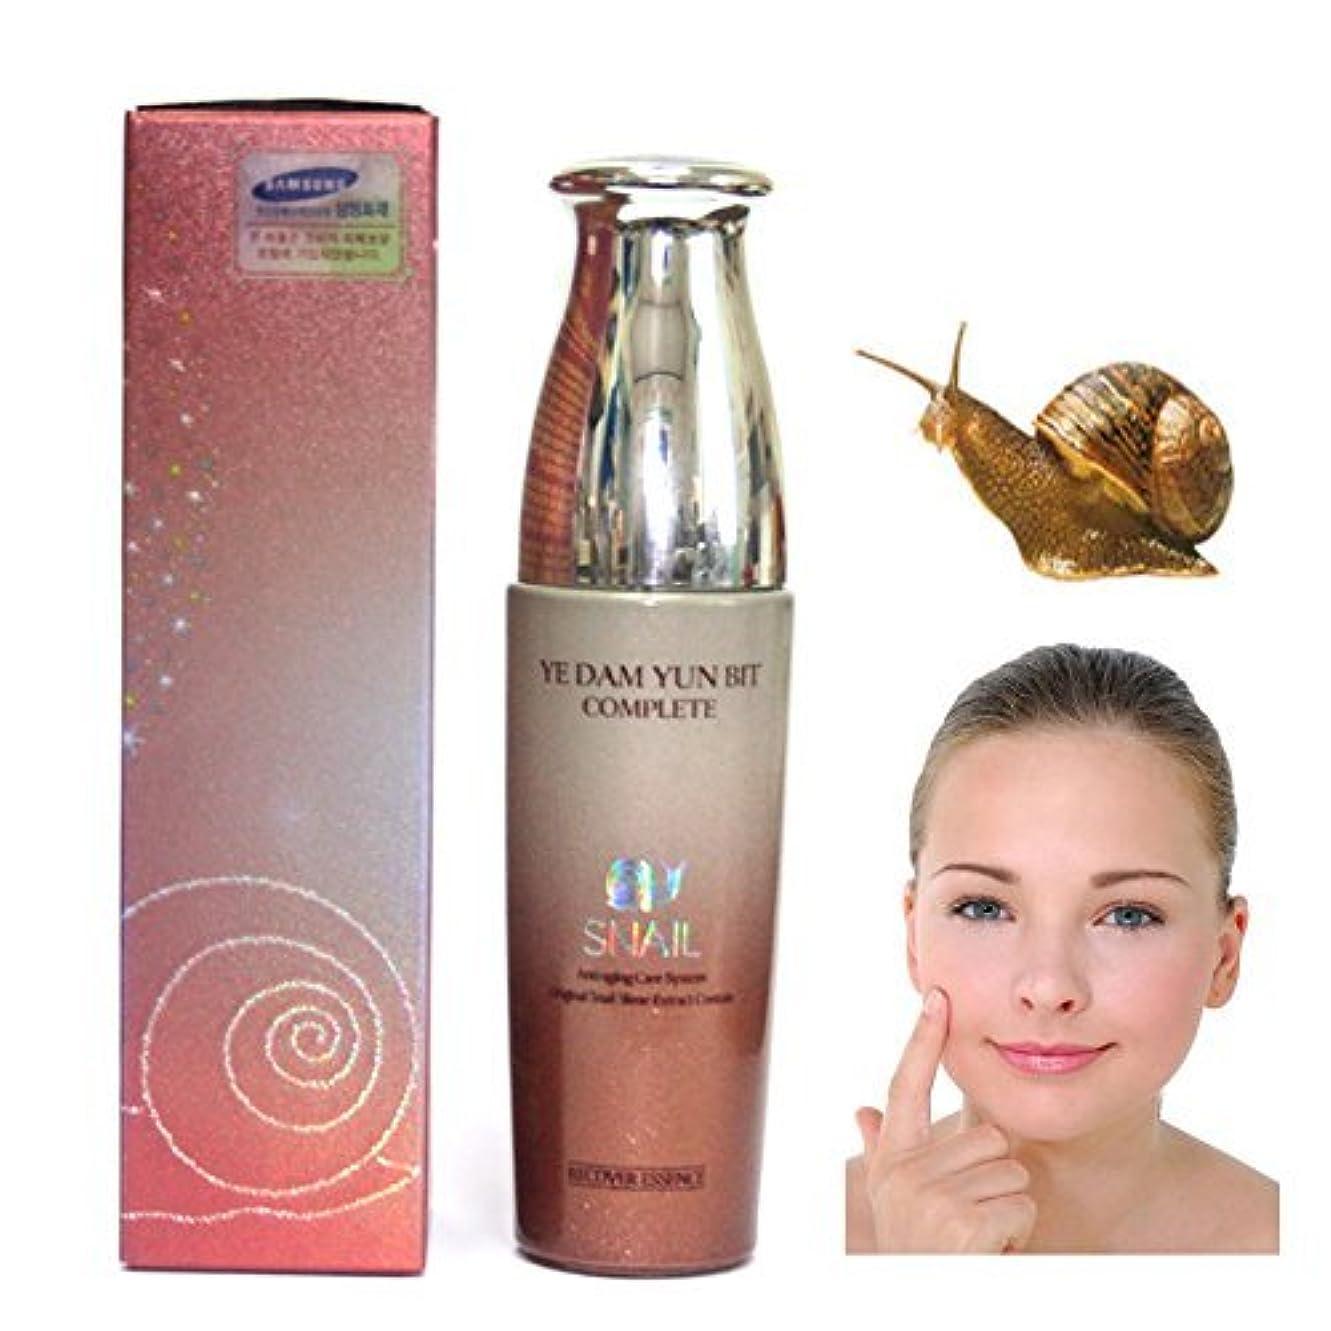 束ねる白鳥ヒゲクジラ[YEDAM YUN BIT] 完璧なスキンカタツムリ女エッセンス50ml/COMPLETE SKIN Snail Woman Essence 50ml/韓国化粧品/Korean cosmetics [並行輸入品]